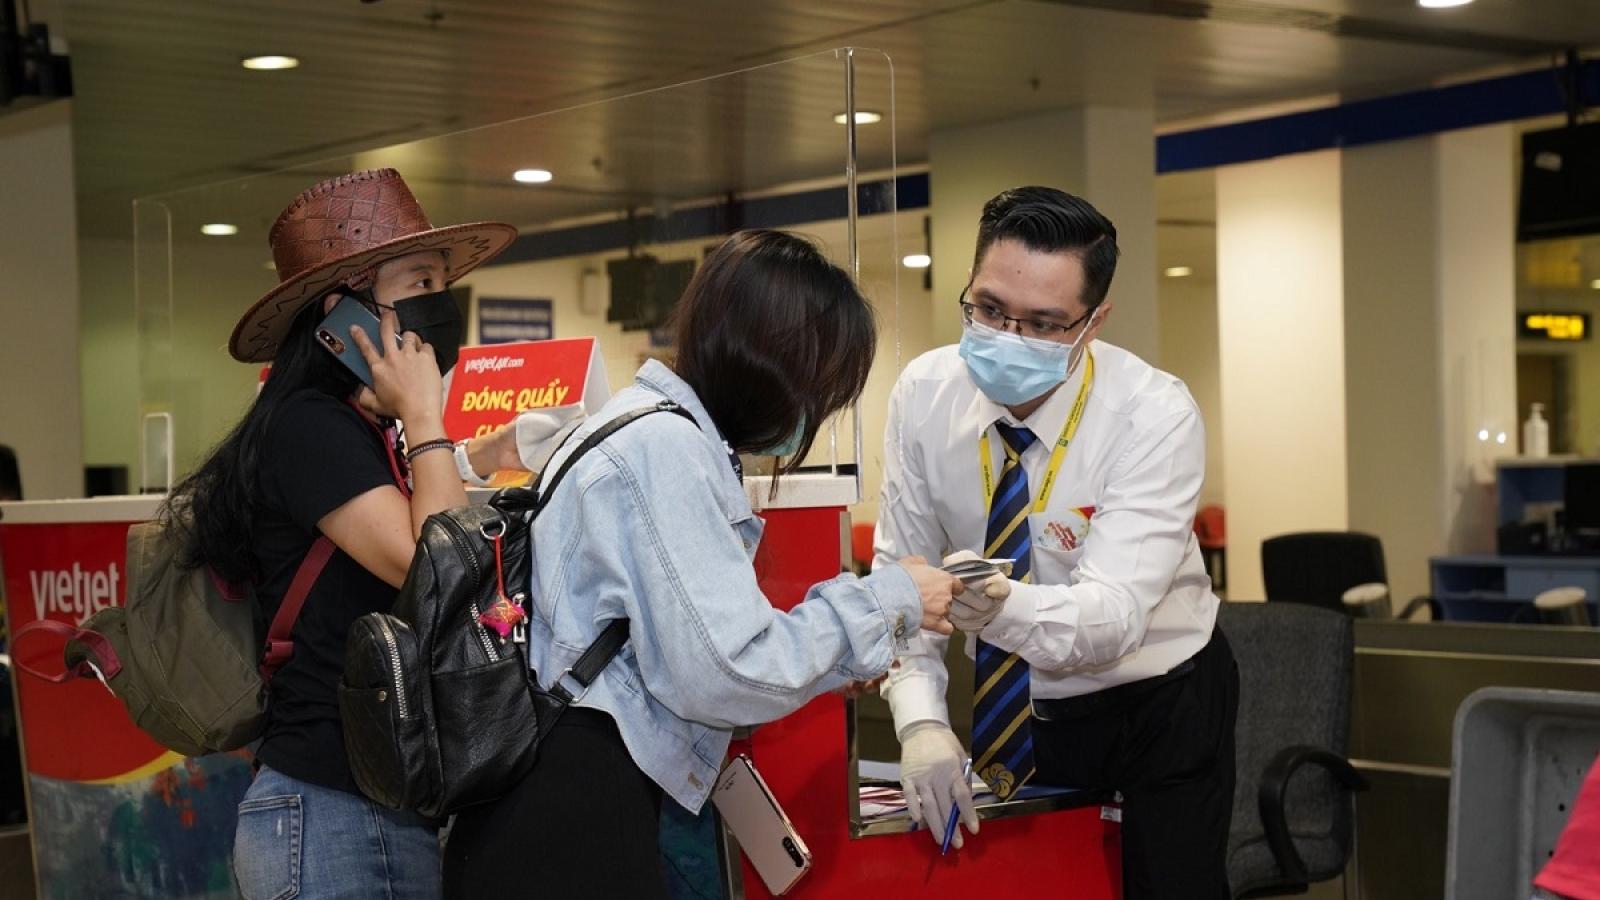 Vietjet mở loạt đường bay từ Đà Lạt, Nha Trang, Thanh Hoá, Vinh, Đà Nẵng tới Phú Quốc